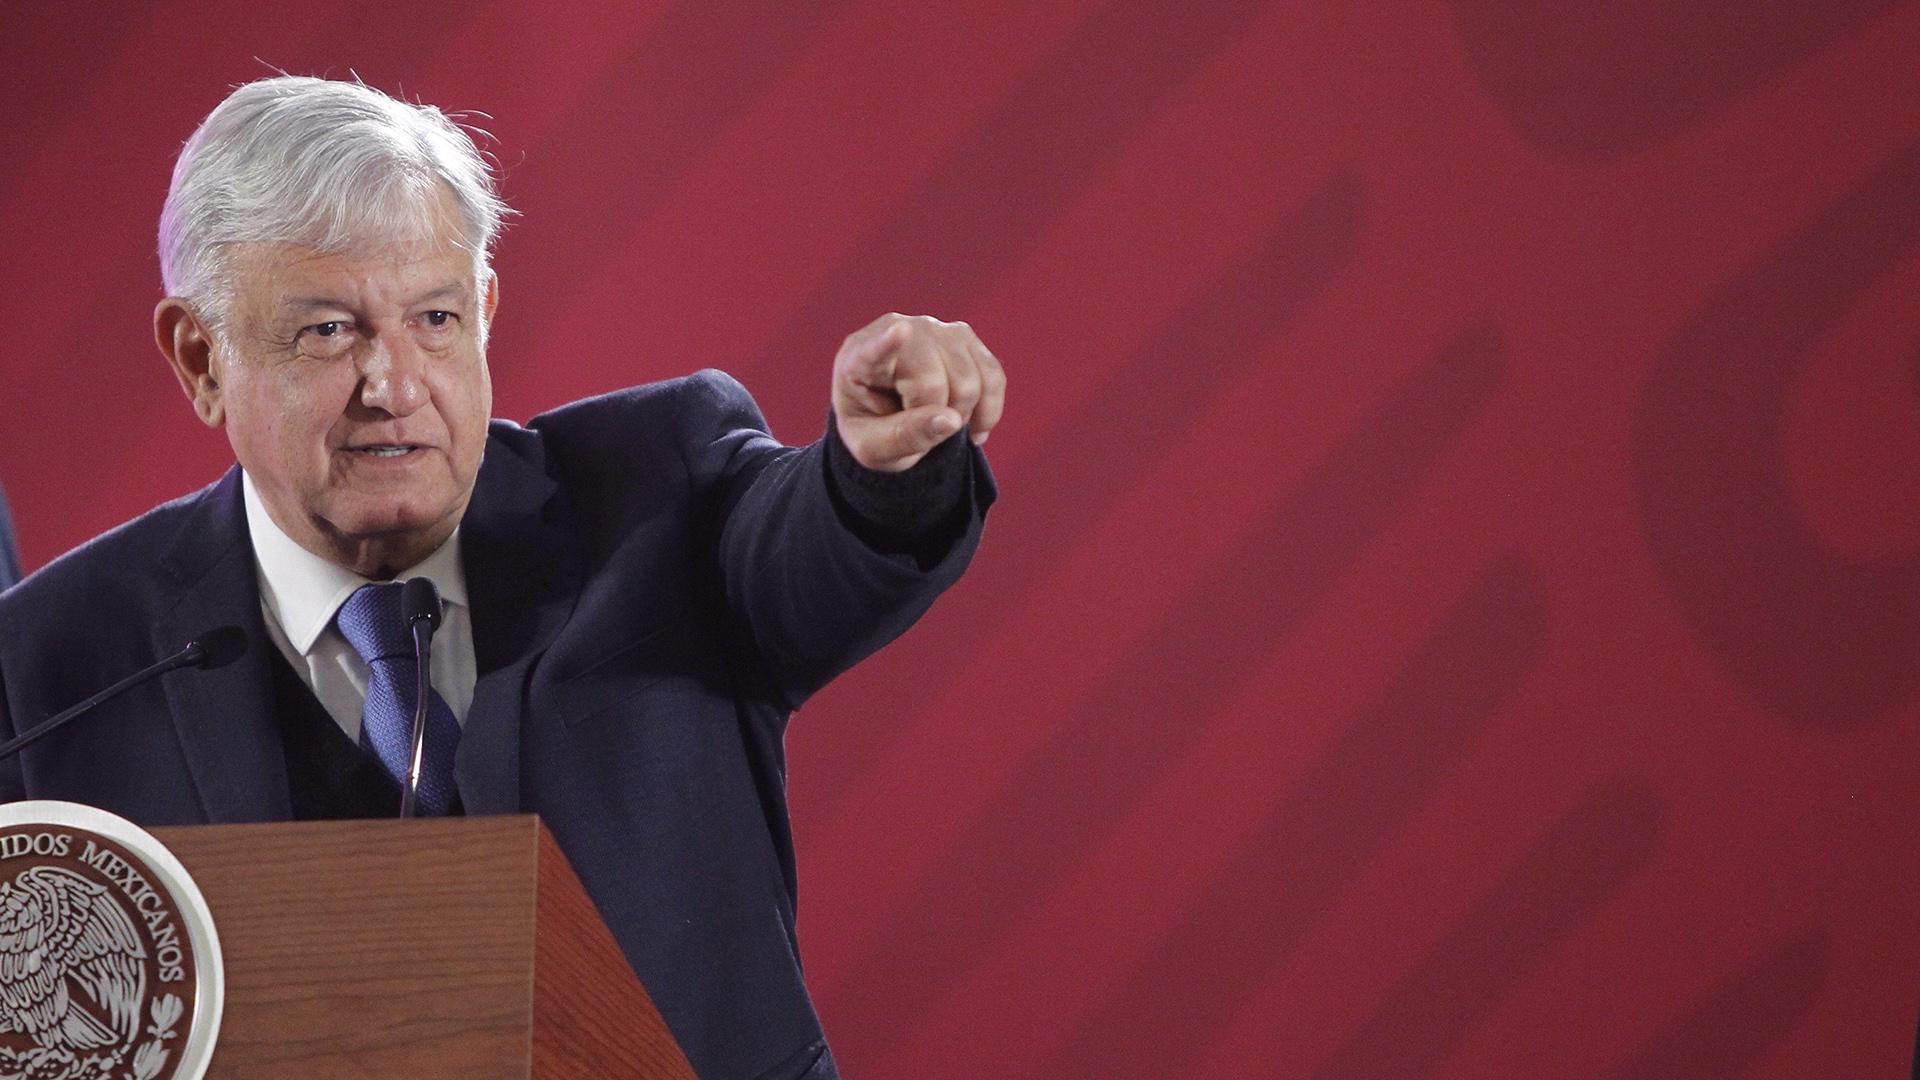 López Obrador aseguró que el abasto de gasolinas se normalizará pronto. (Foto: EFE)